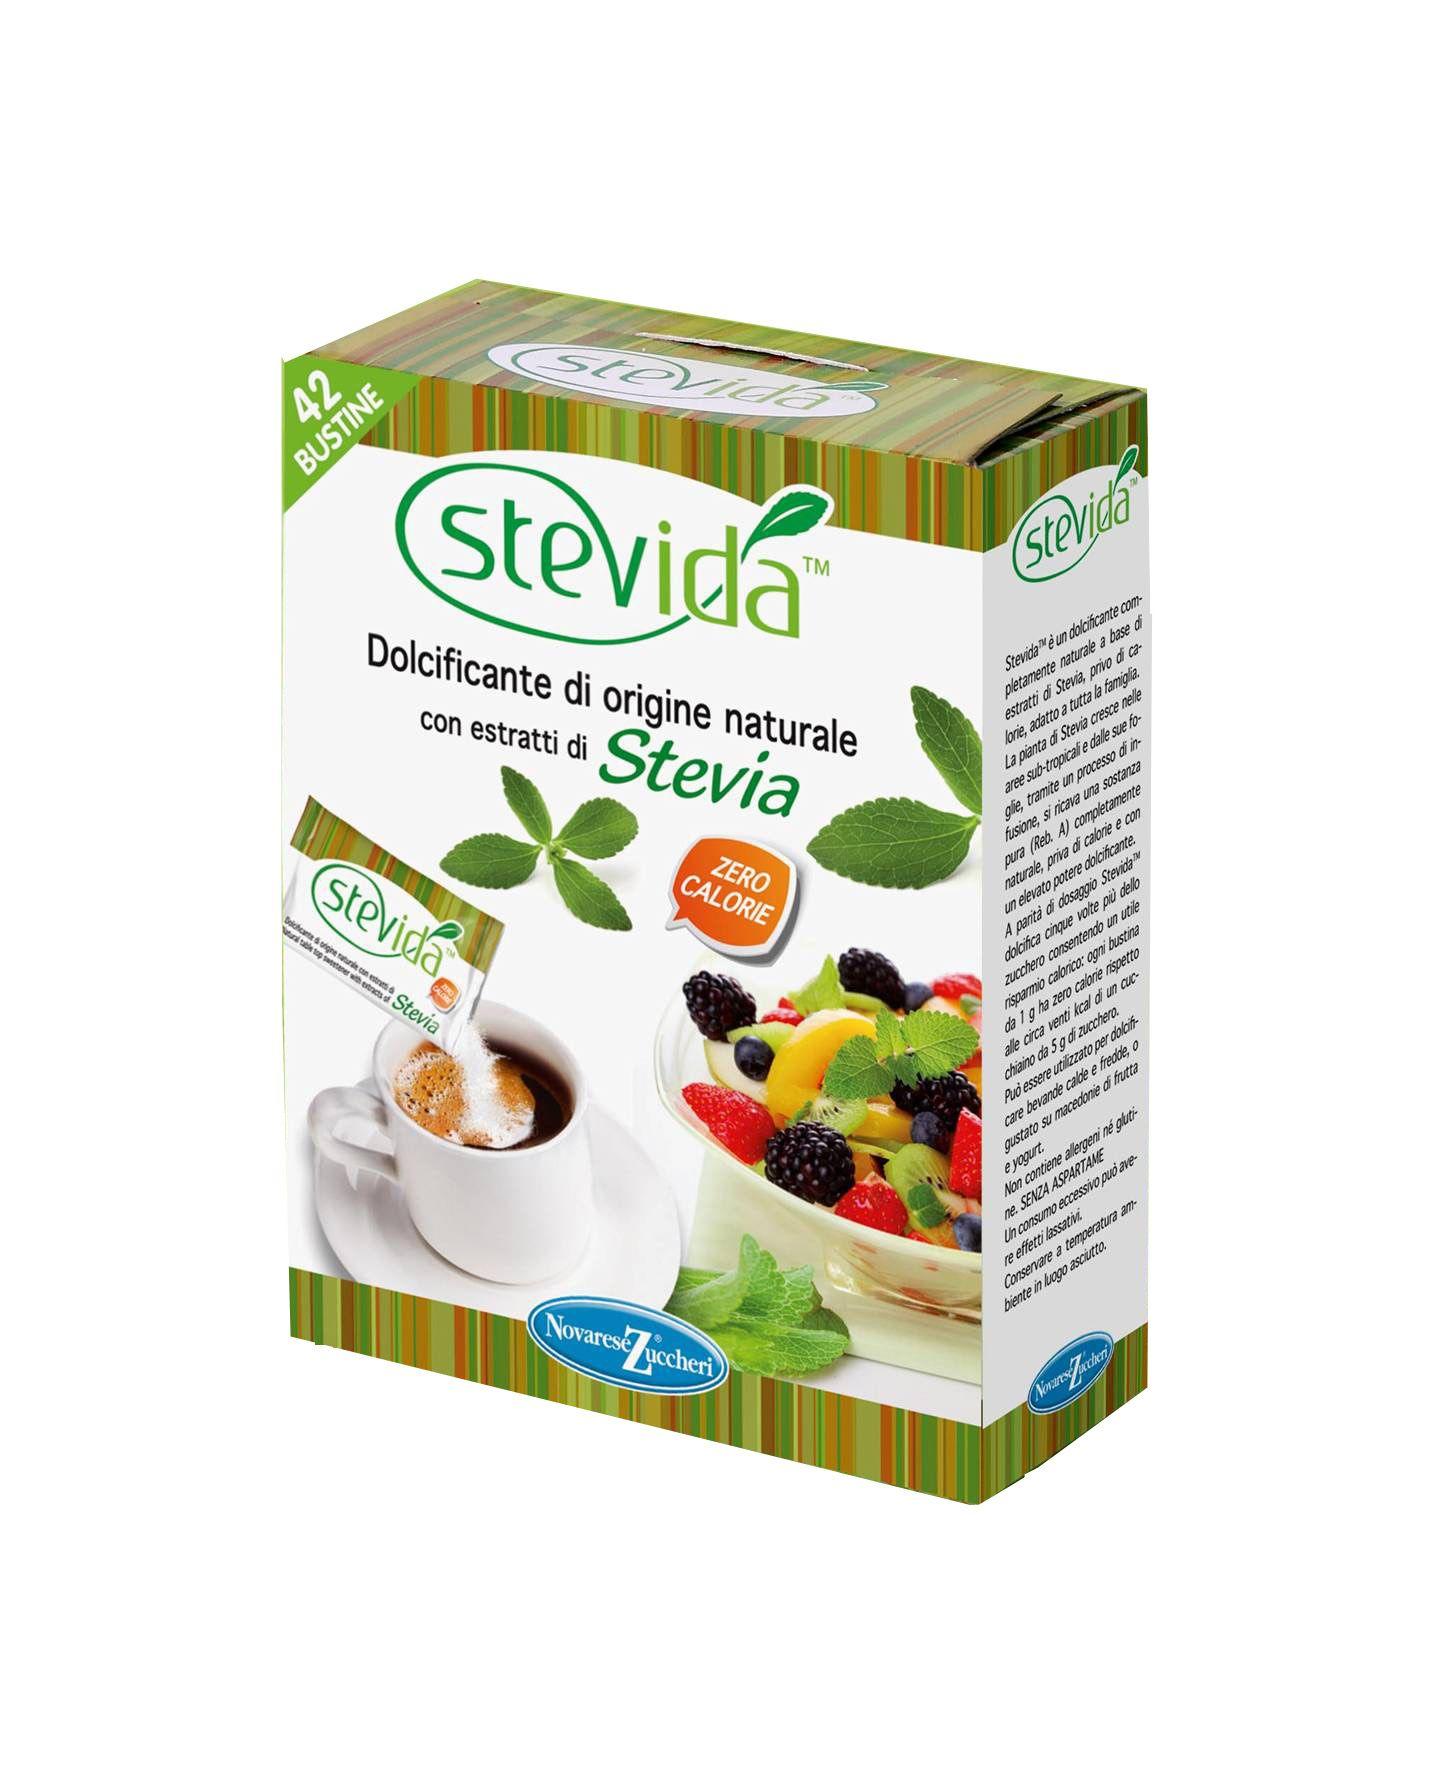 Novarese zuccheri - Stevida